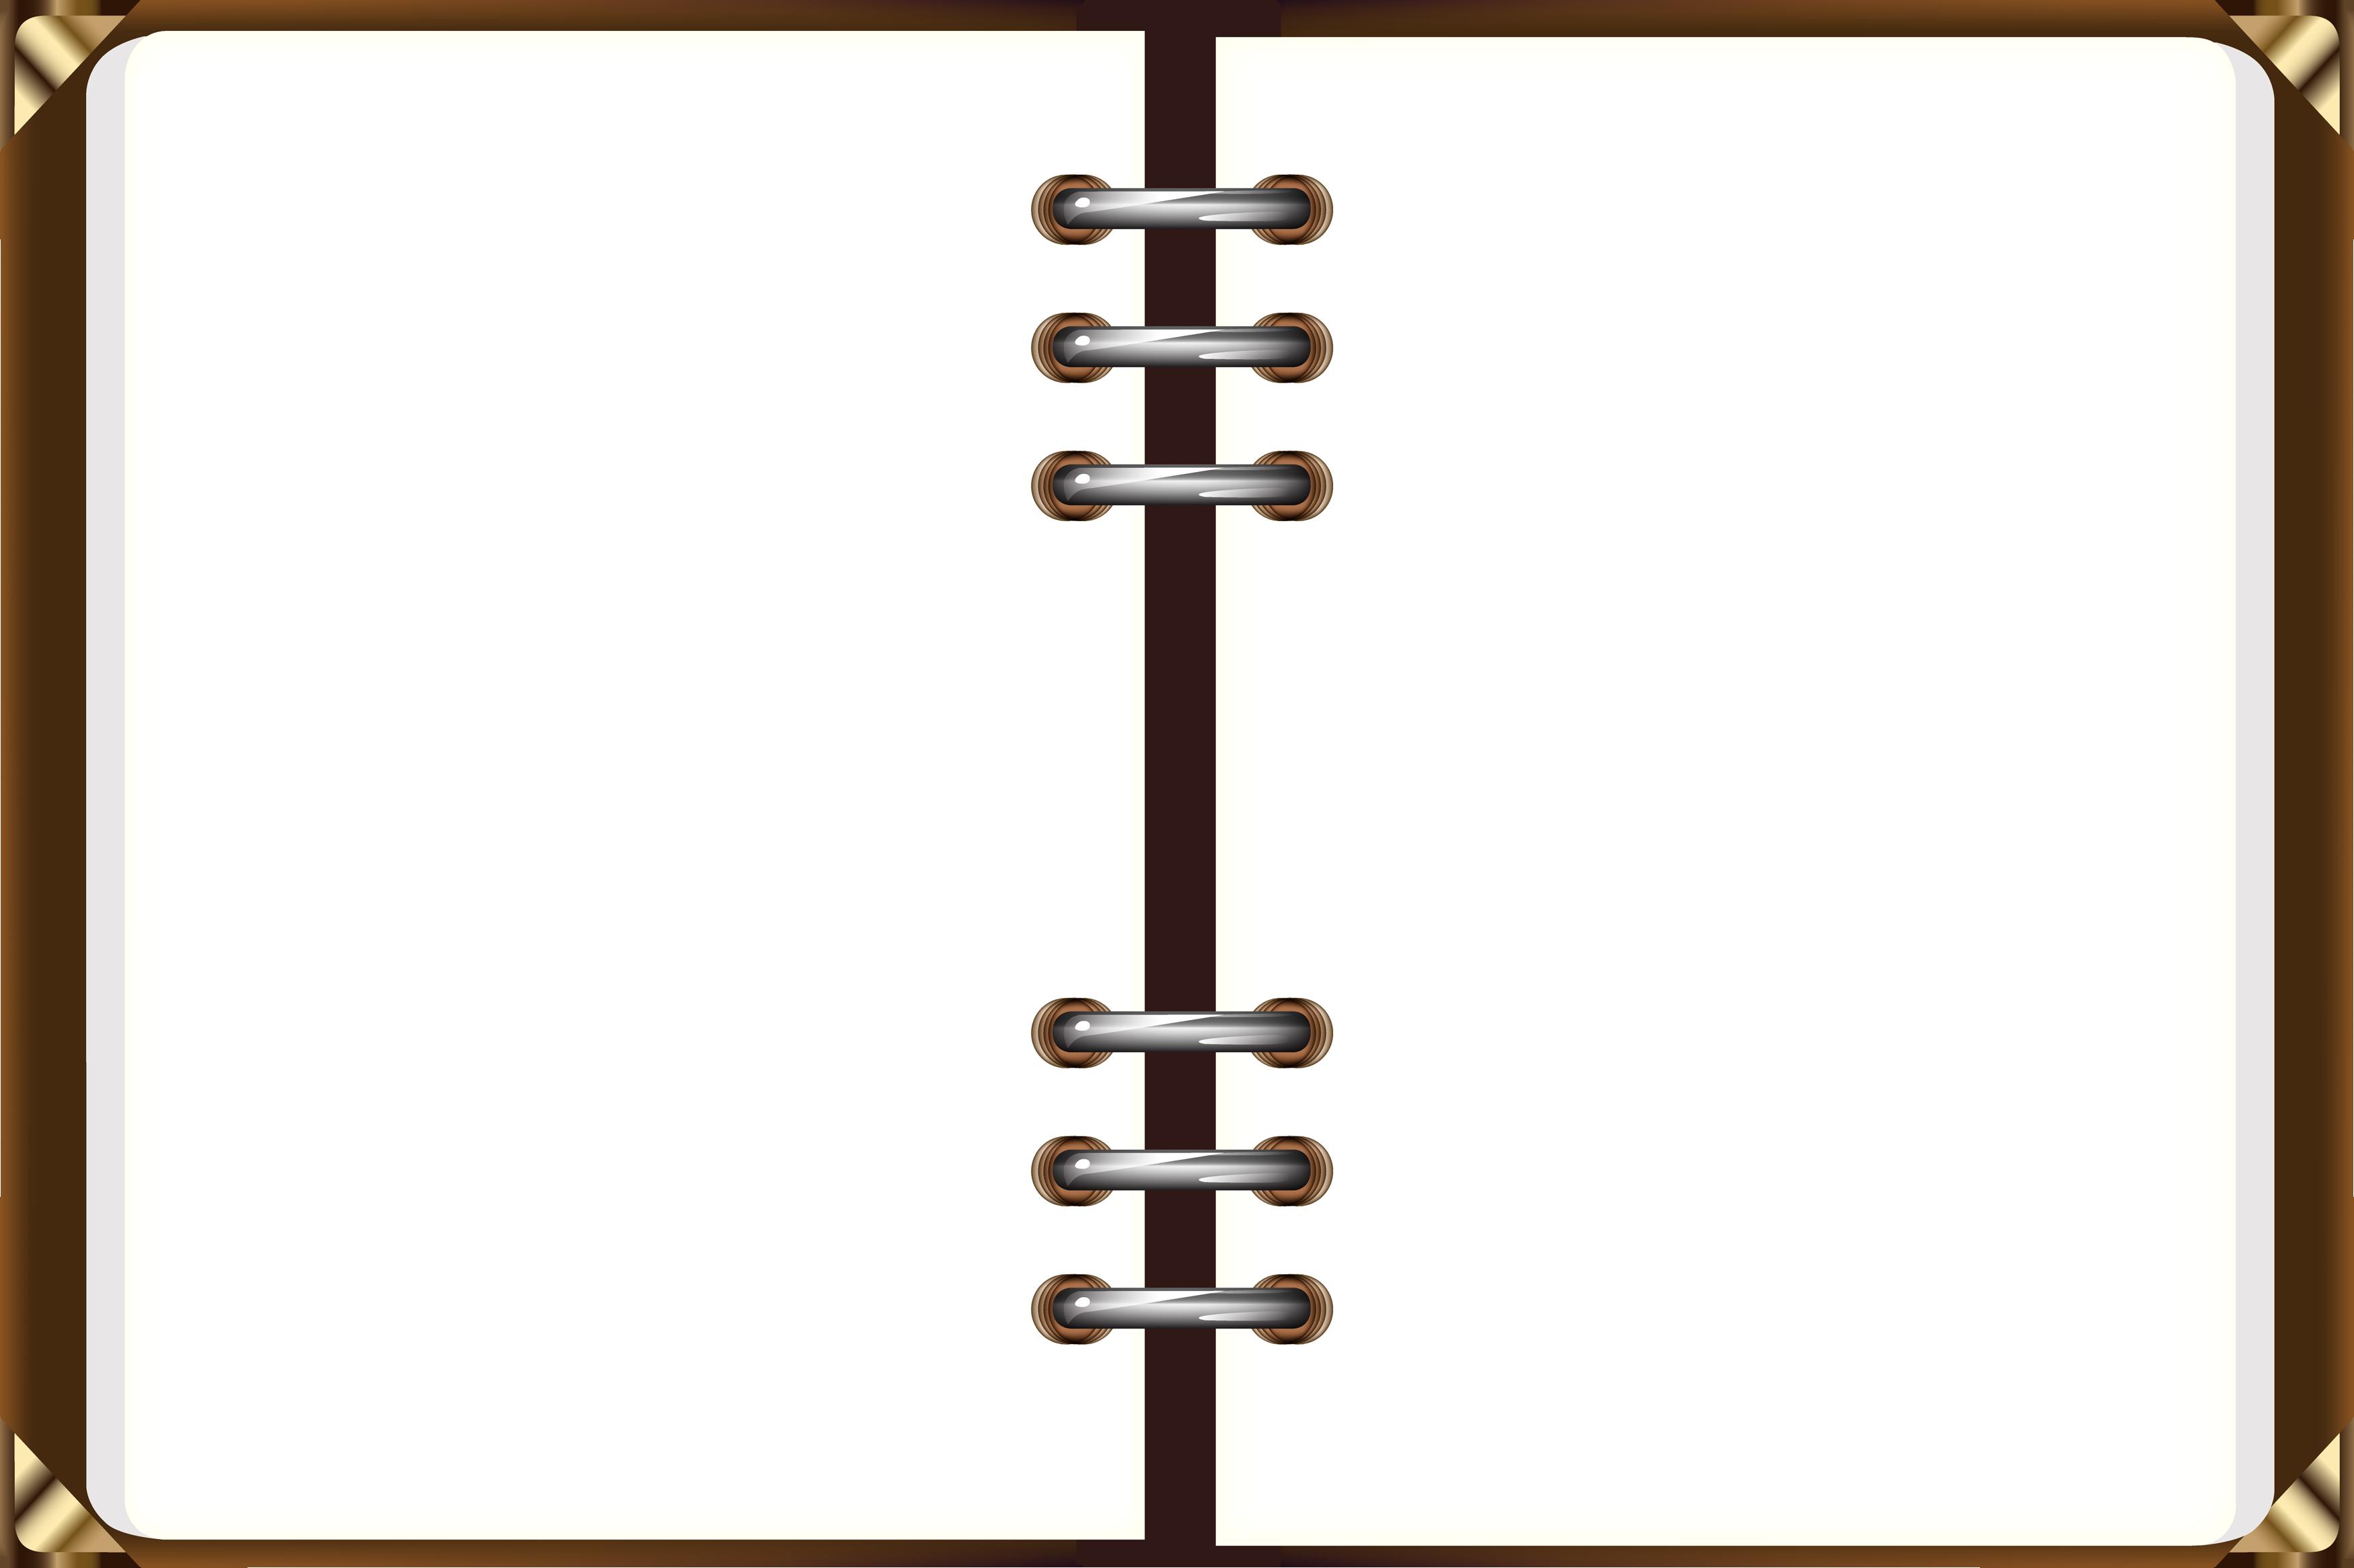 Как сделать рамку вшопе в документе с прозрачным фоном